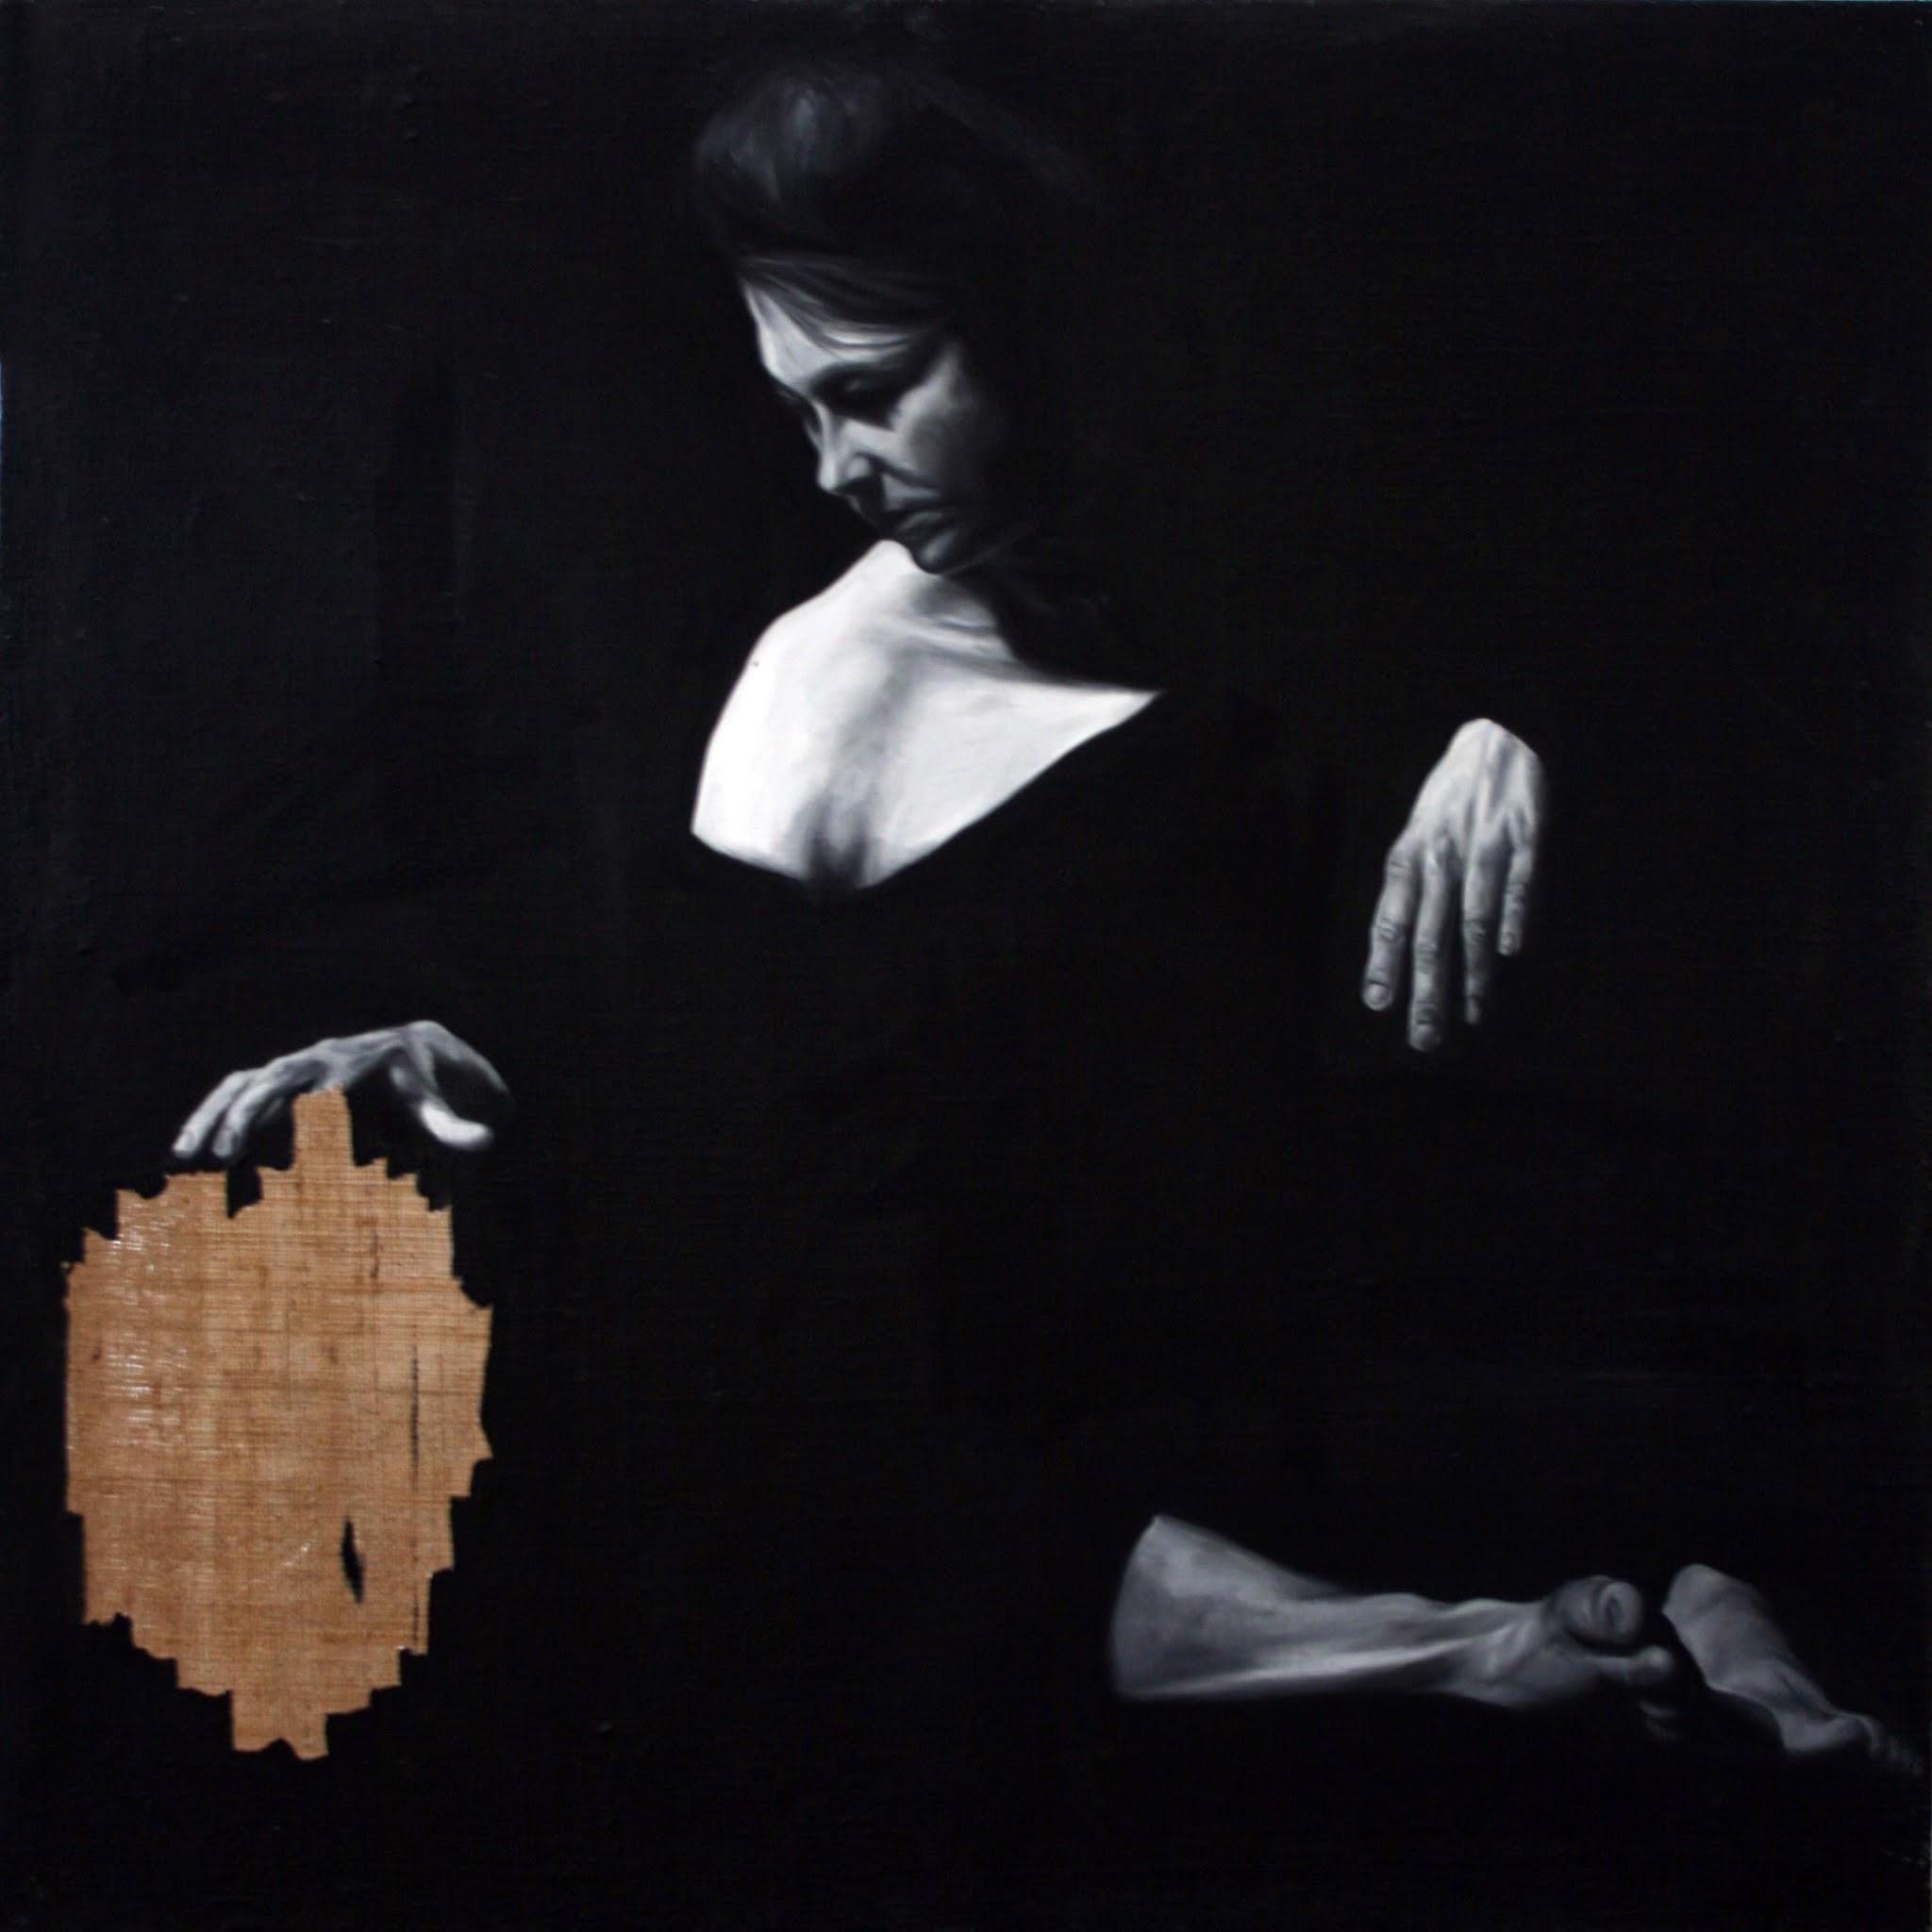 i_1/klaudia kozma, painting